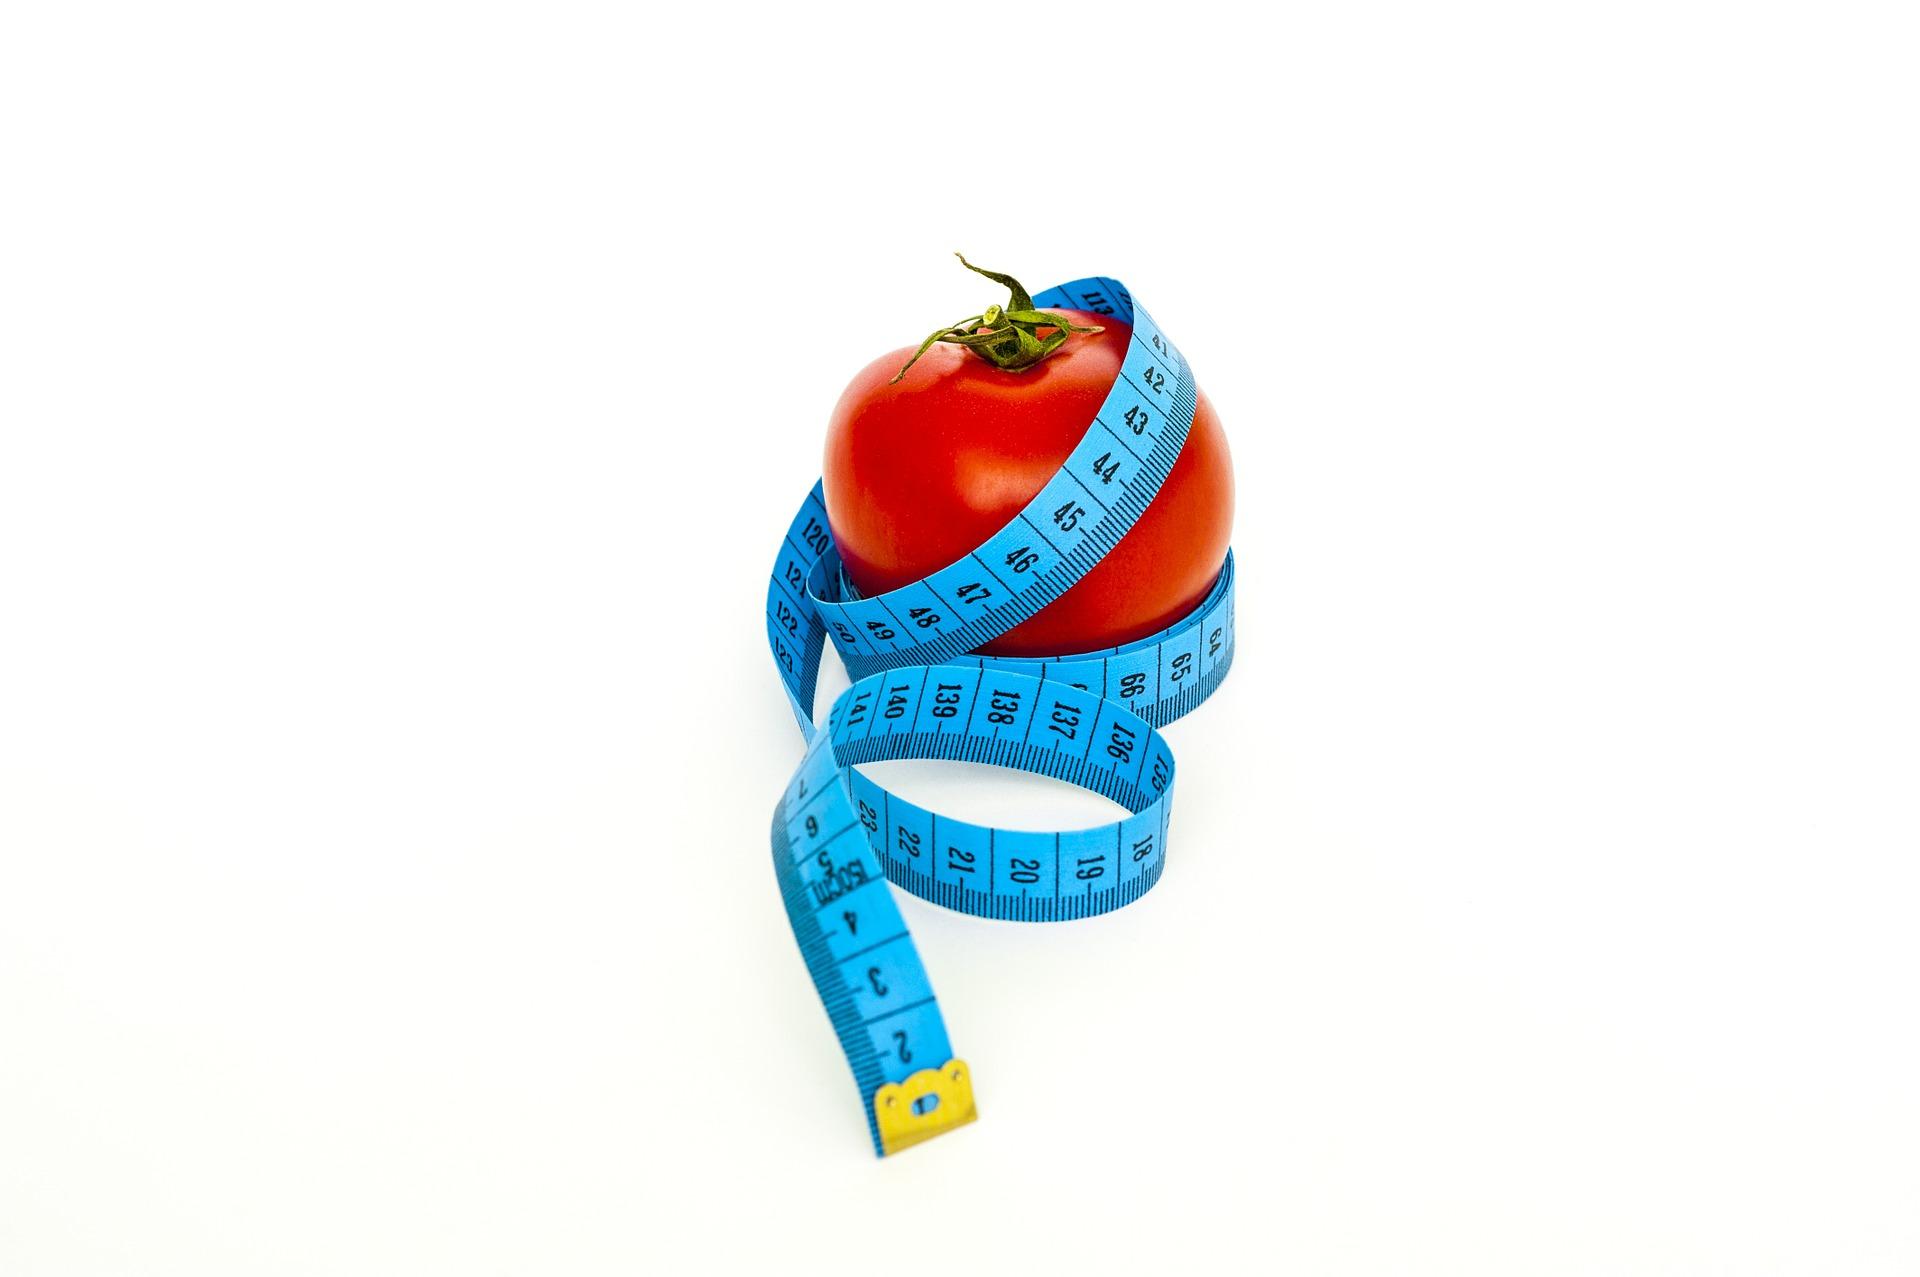 10 cele mai bune sfaturi pentru pierdere în greutate, direct de la nutriționiști - alegsatraiesc.ro